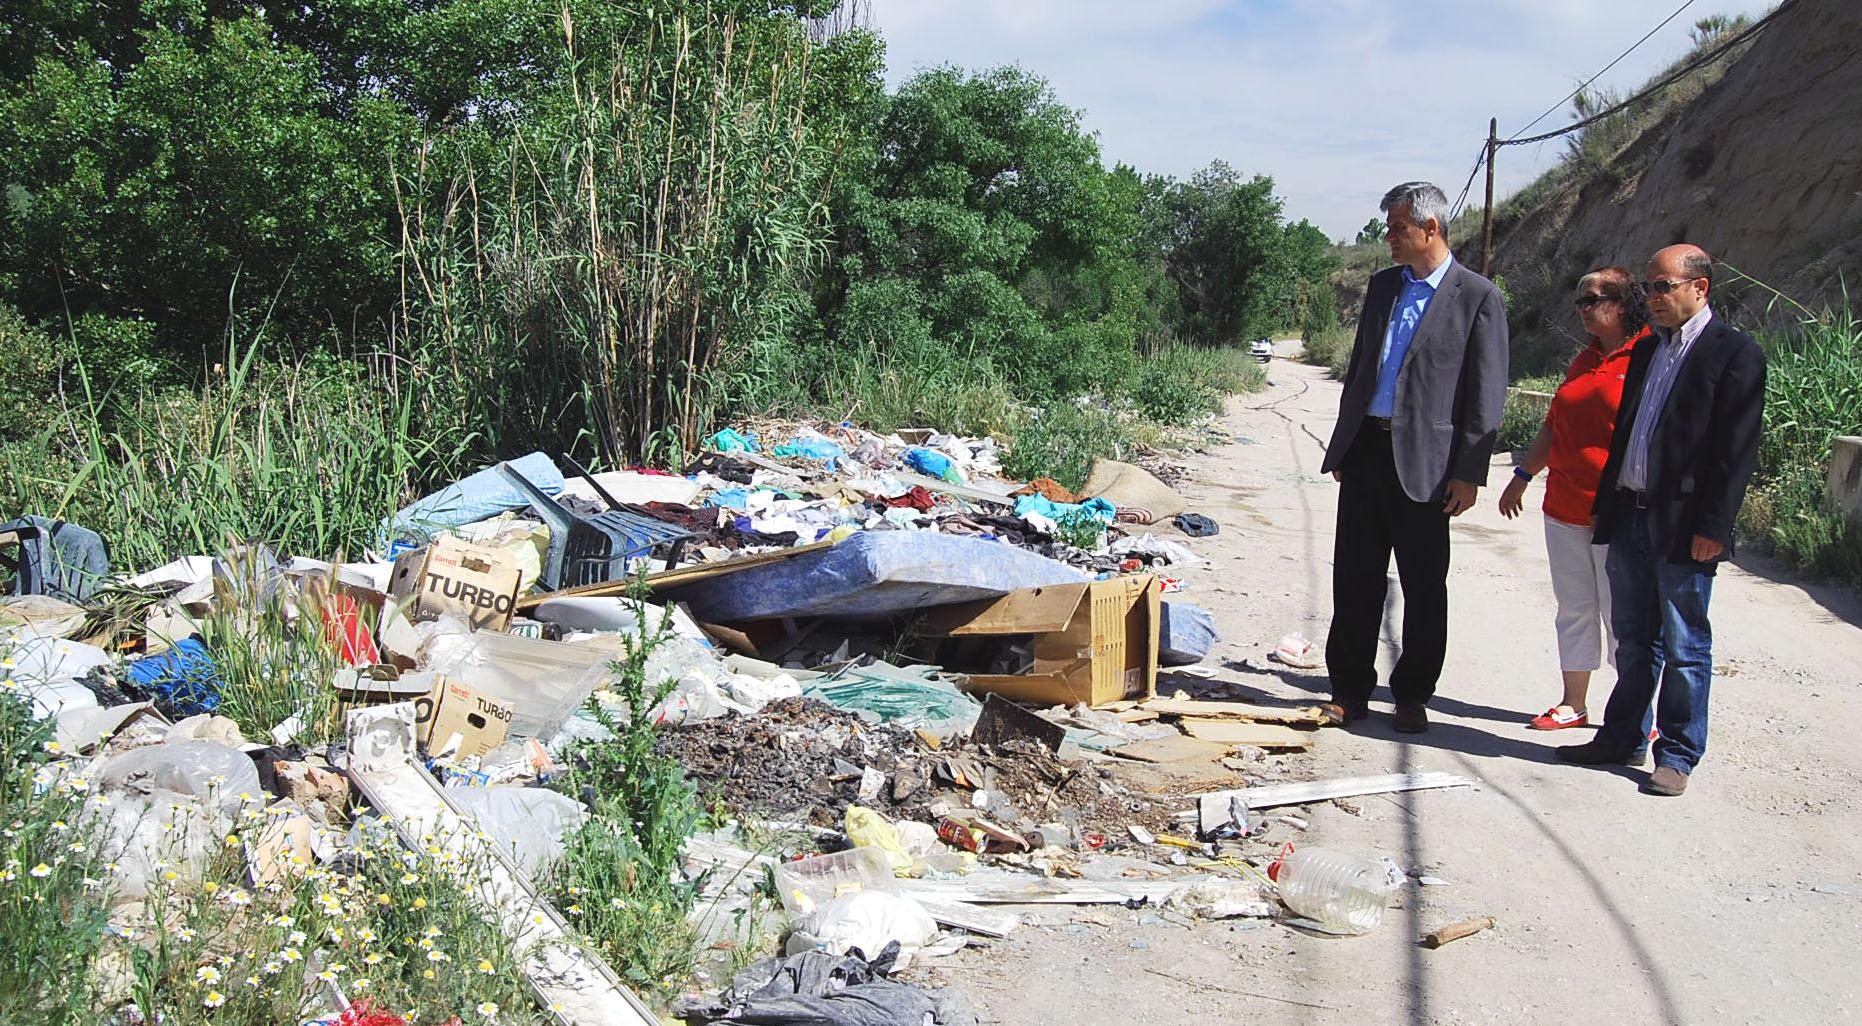 basuras rio guadarrama